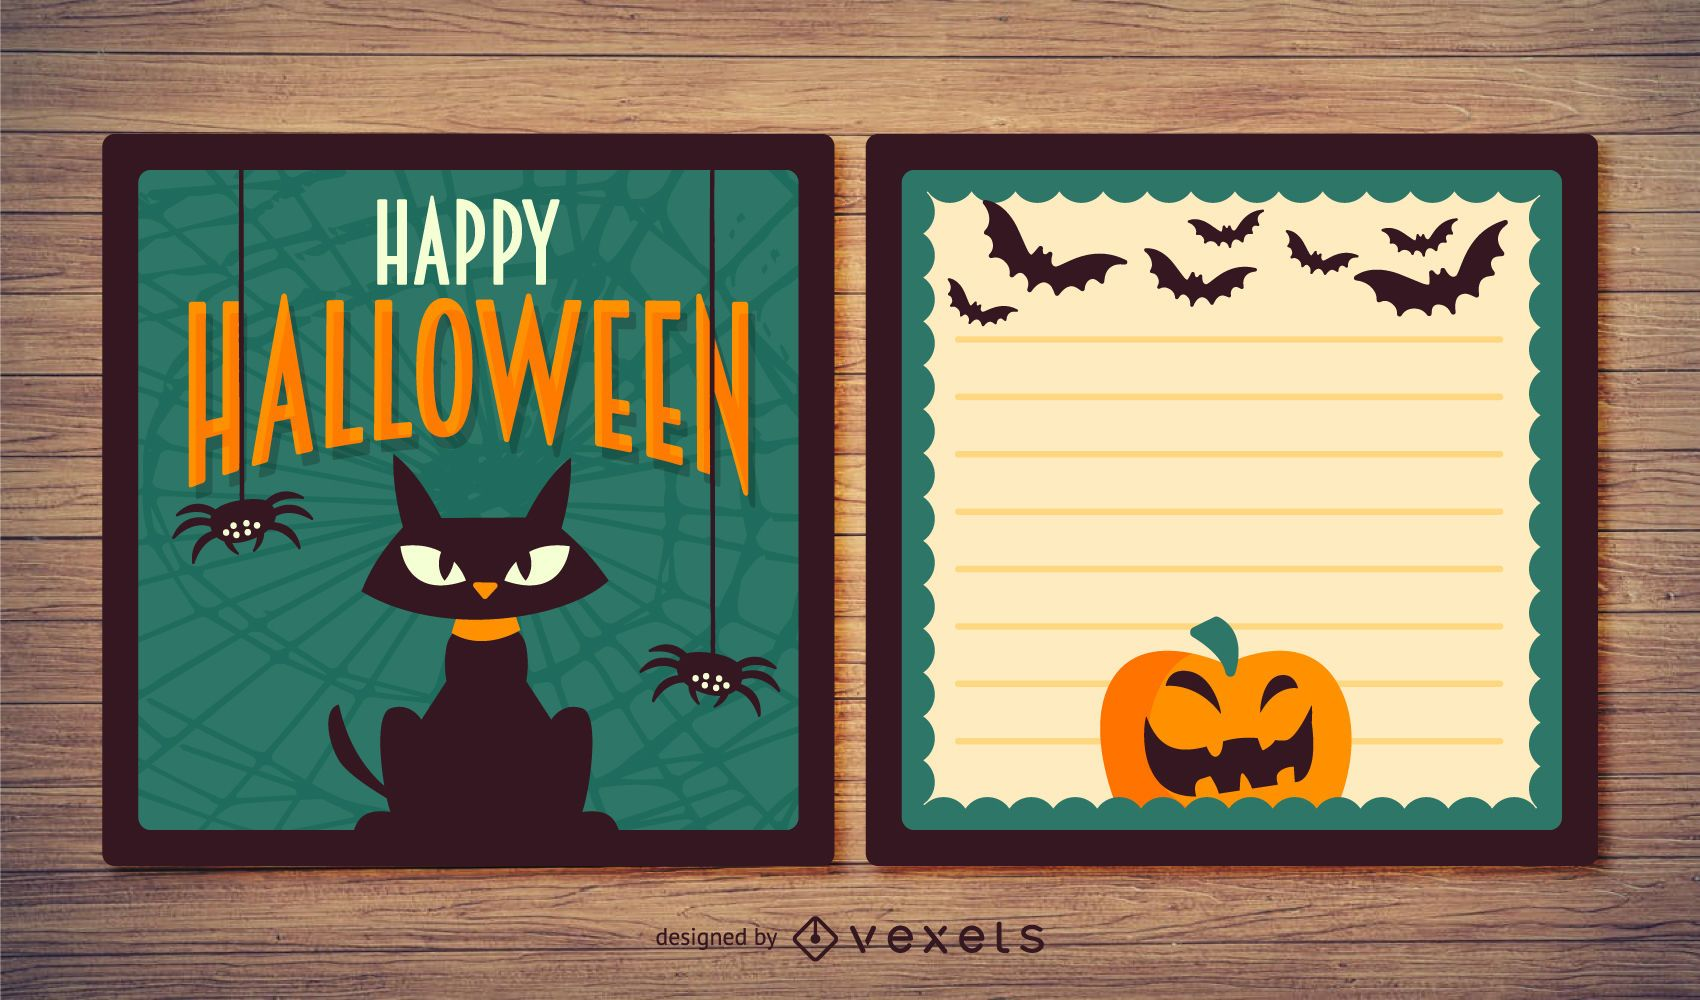 Tarjeta de Halloween espeluznante con gatos y calabazas